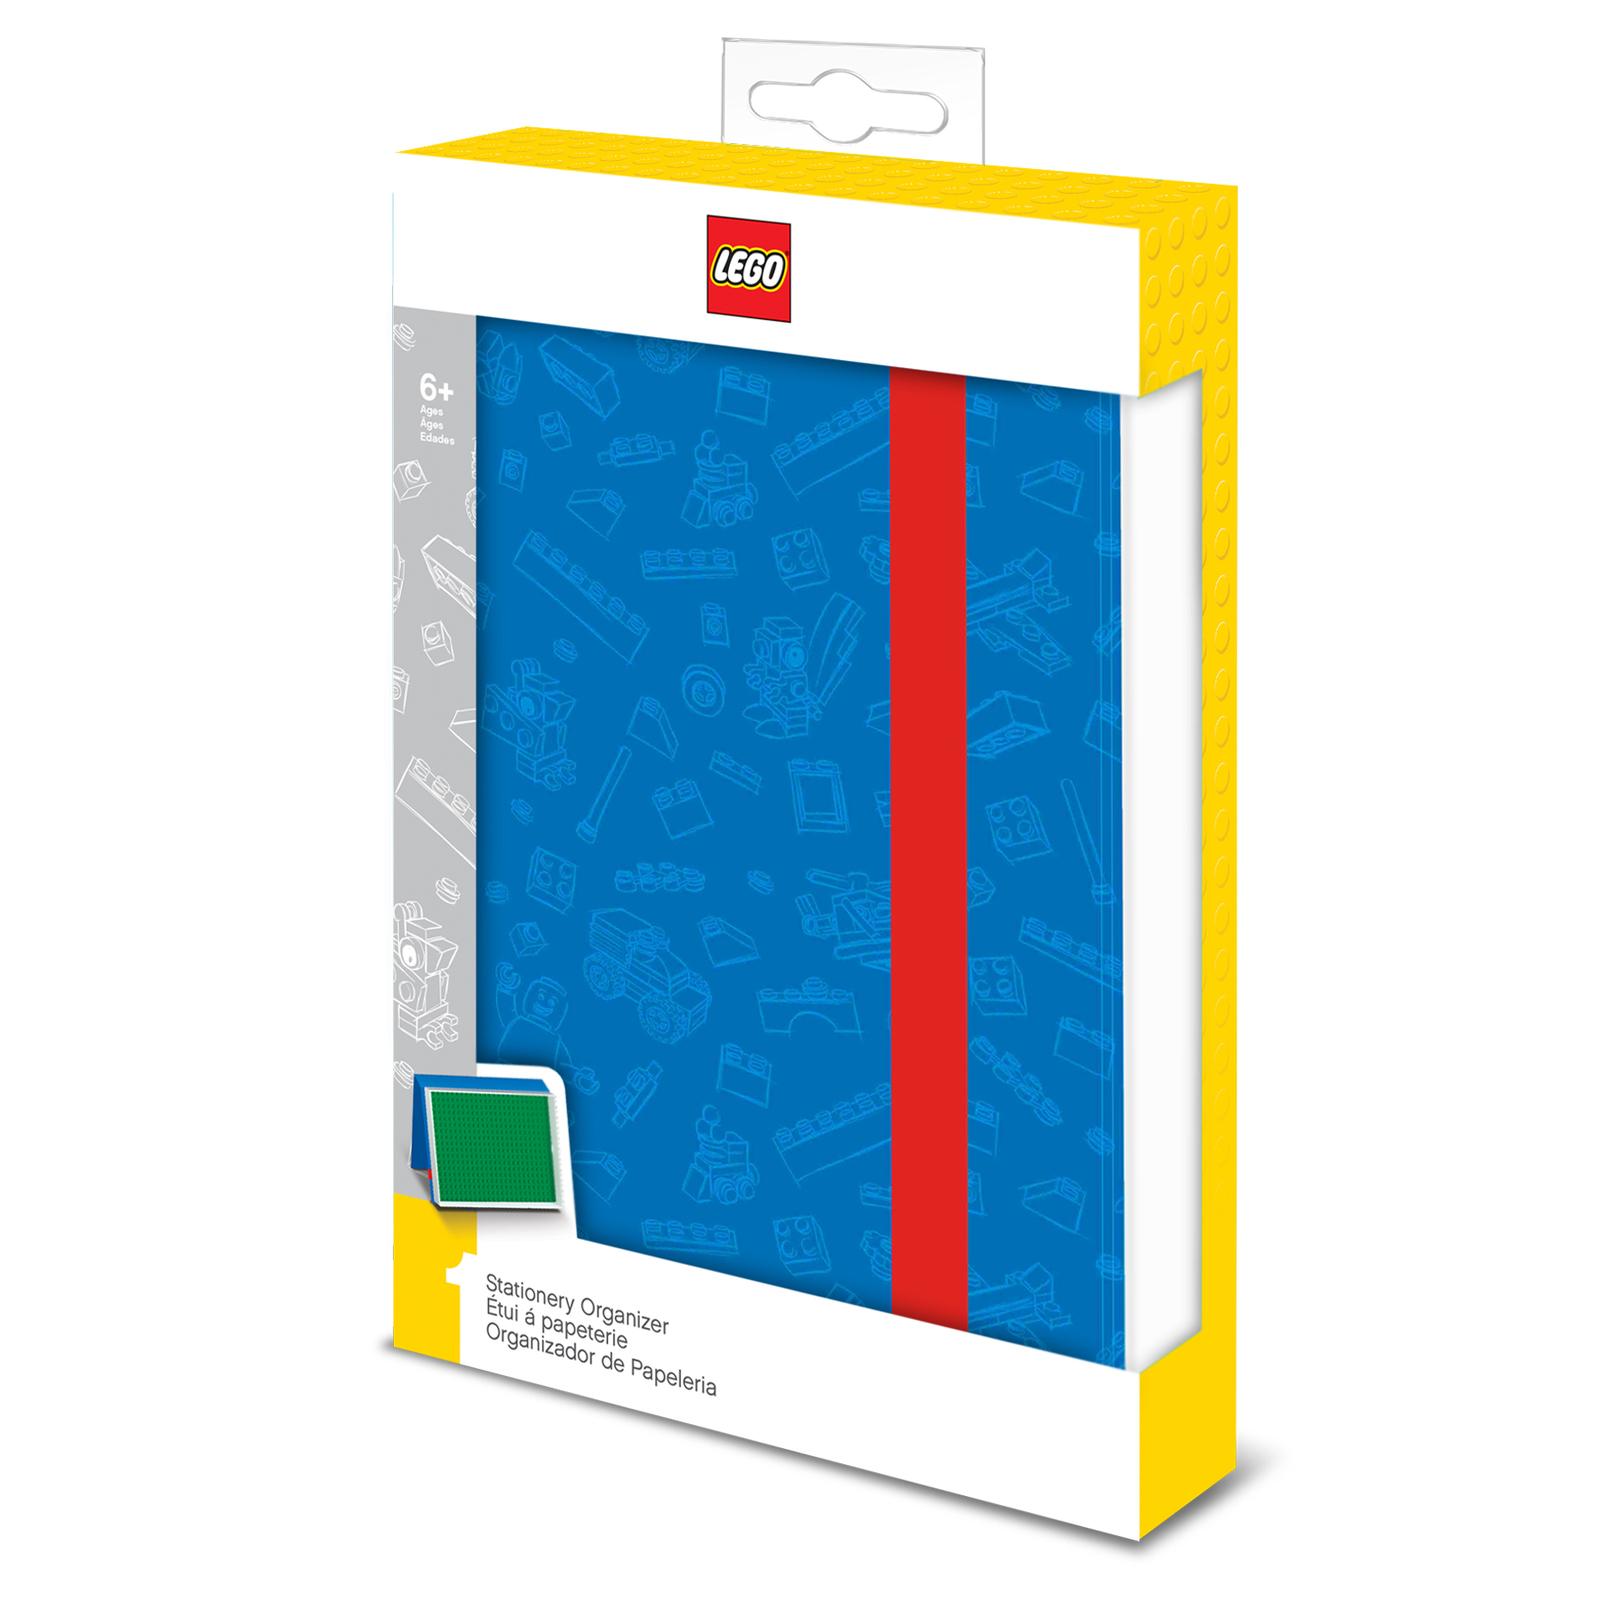 LEGO Stationery Organizer image